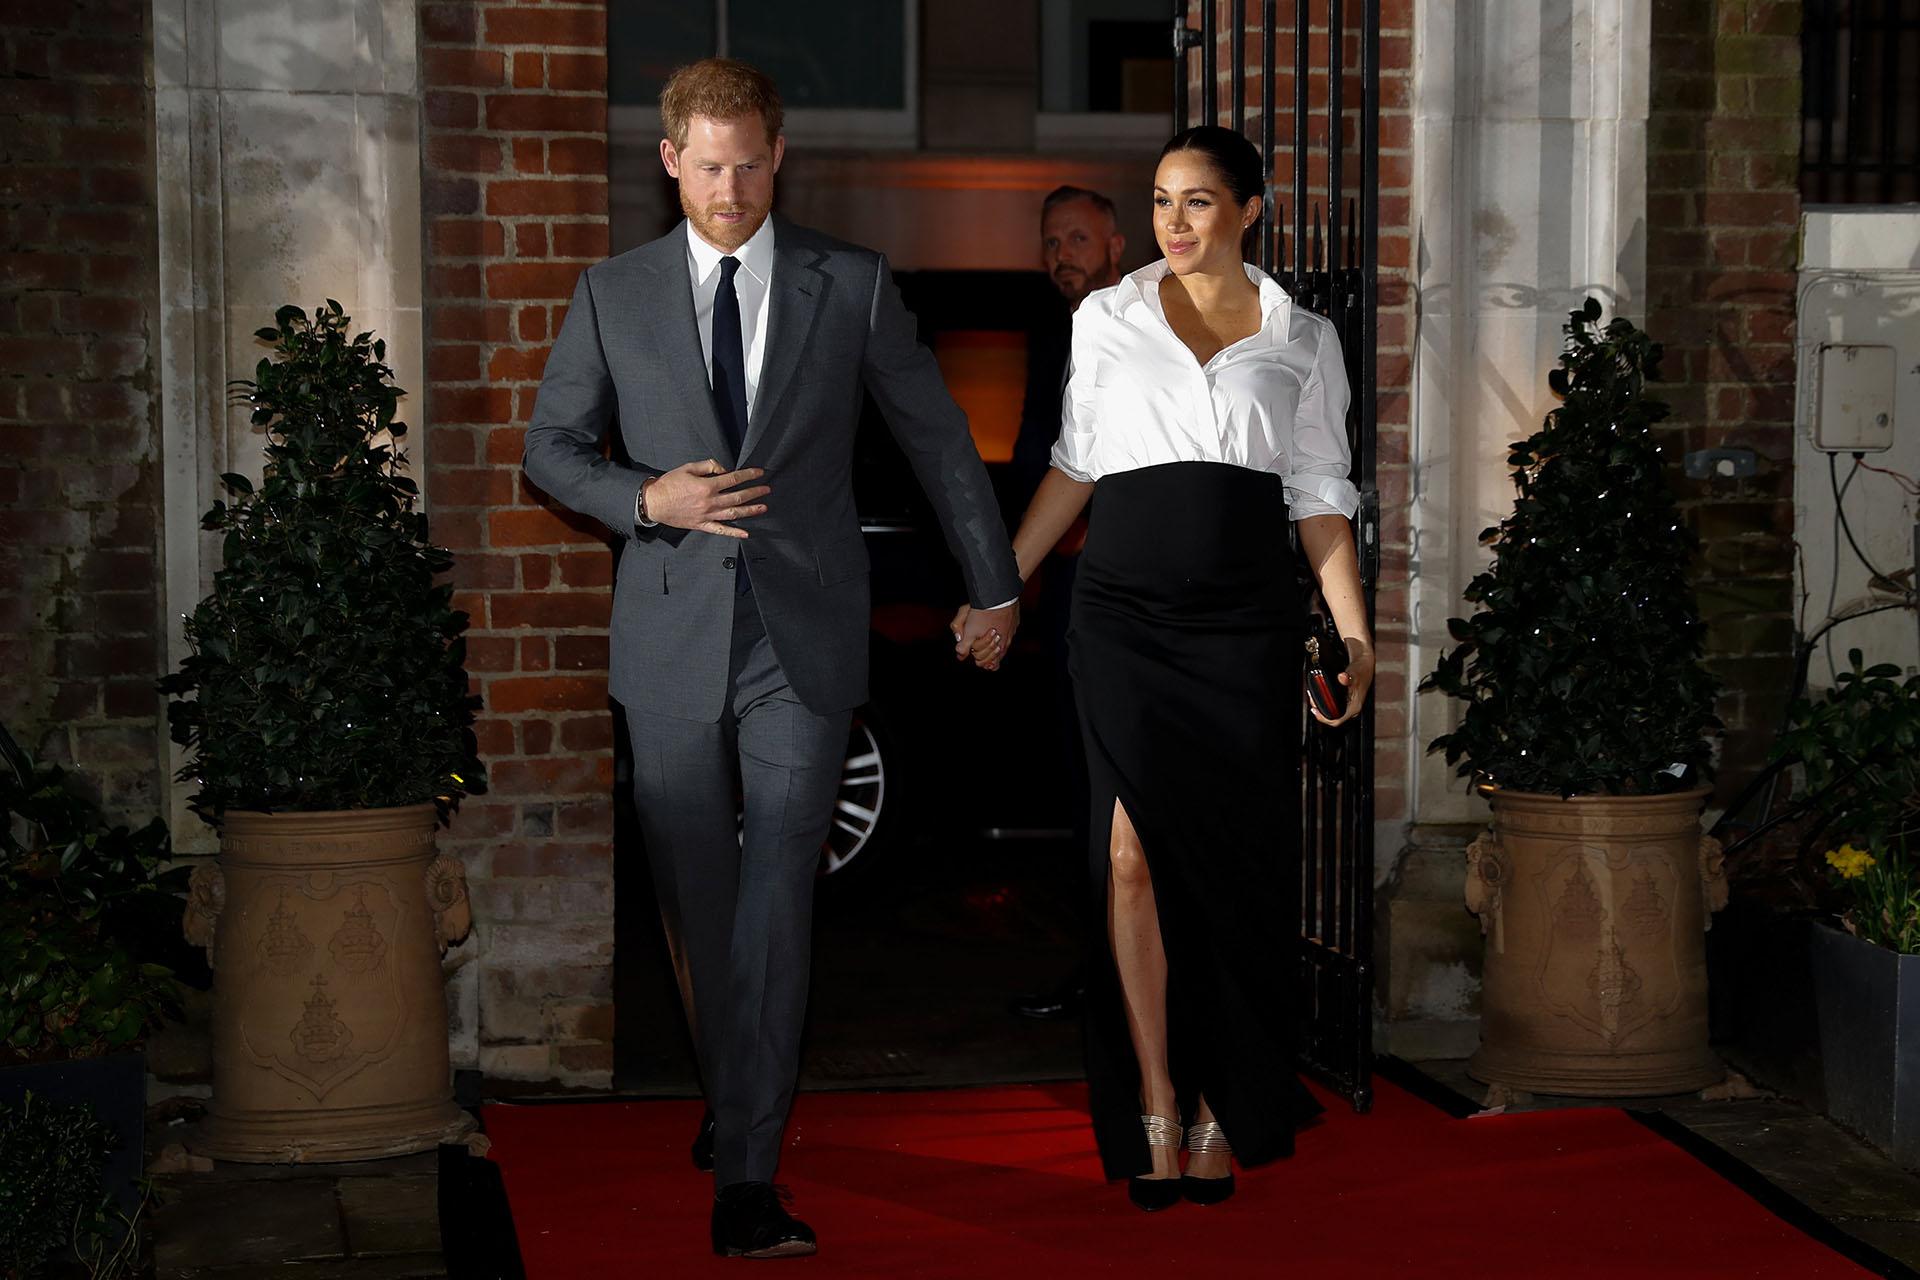 Su falda negra de corte clásico dejaba al descubierto sus stilettos negros y dorados